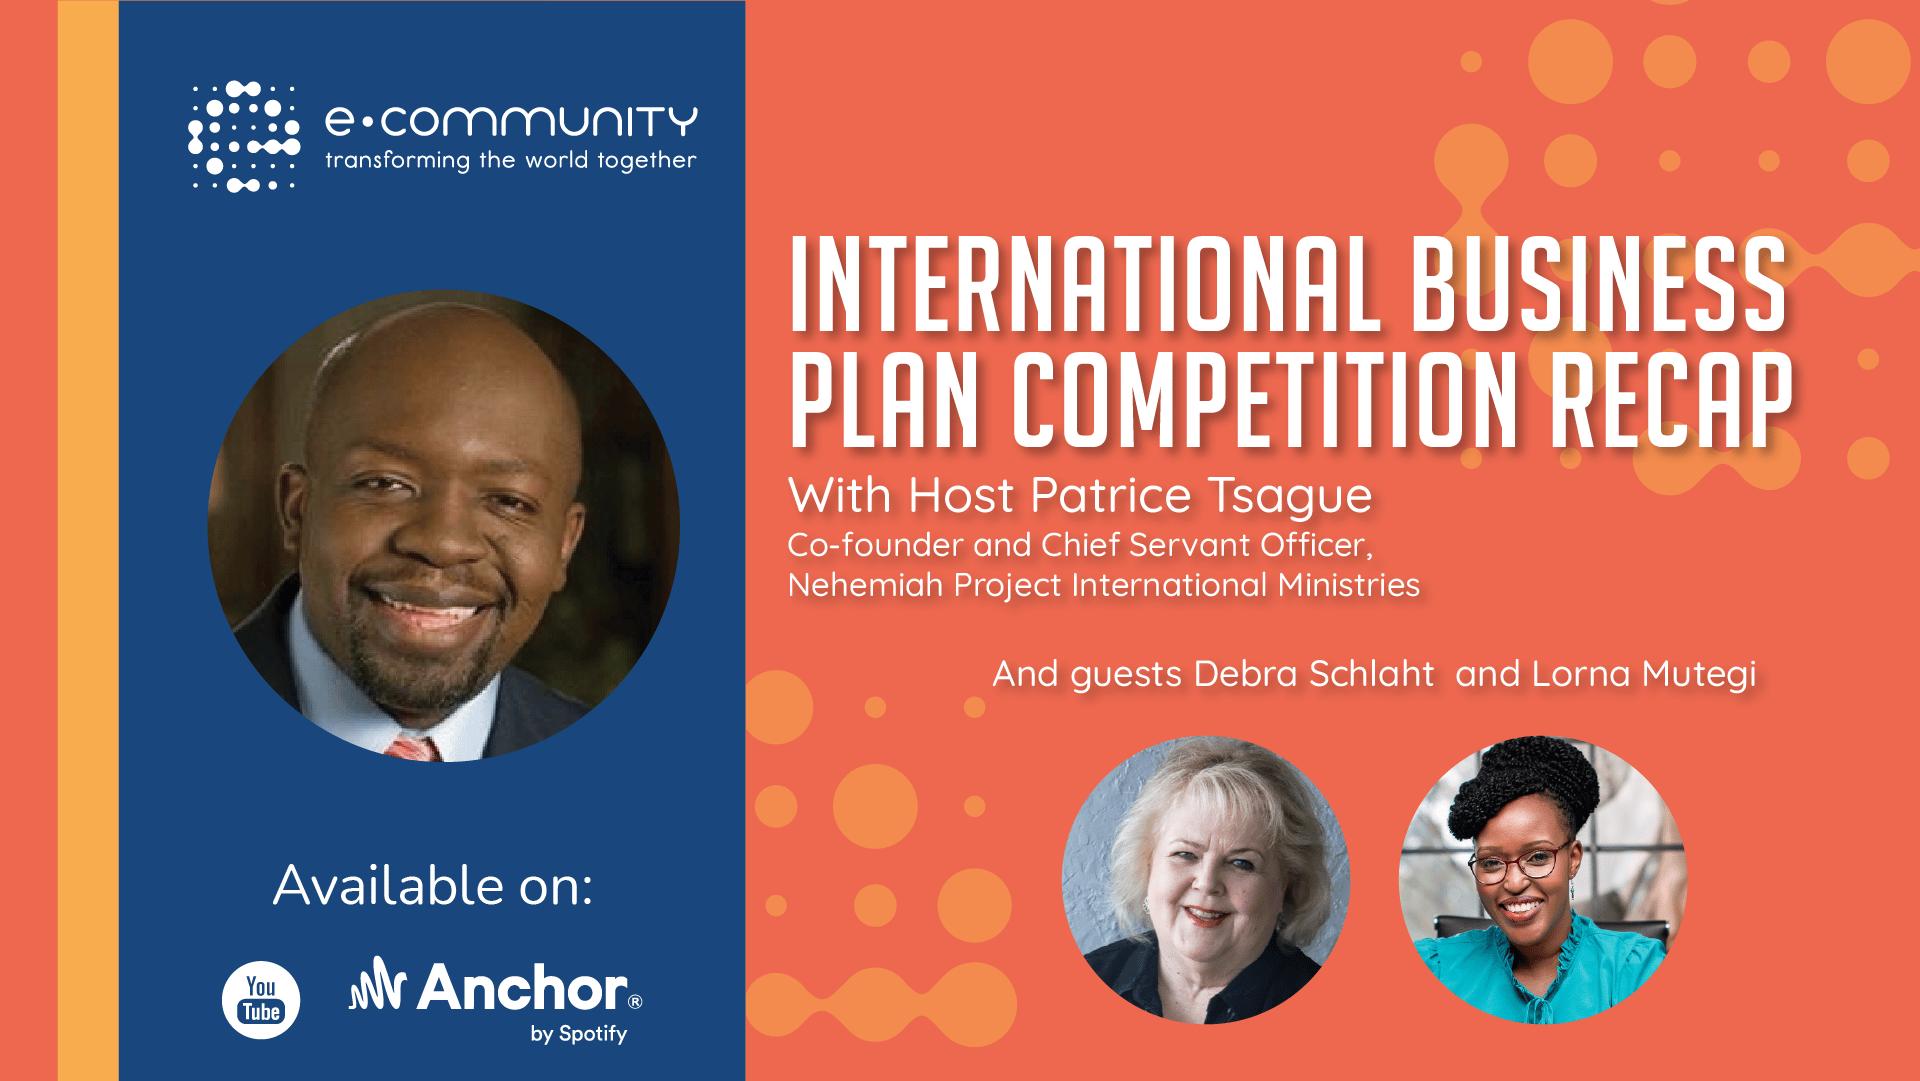 国际商业计划竞赛回顾